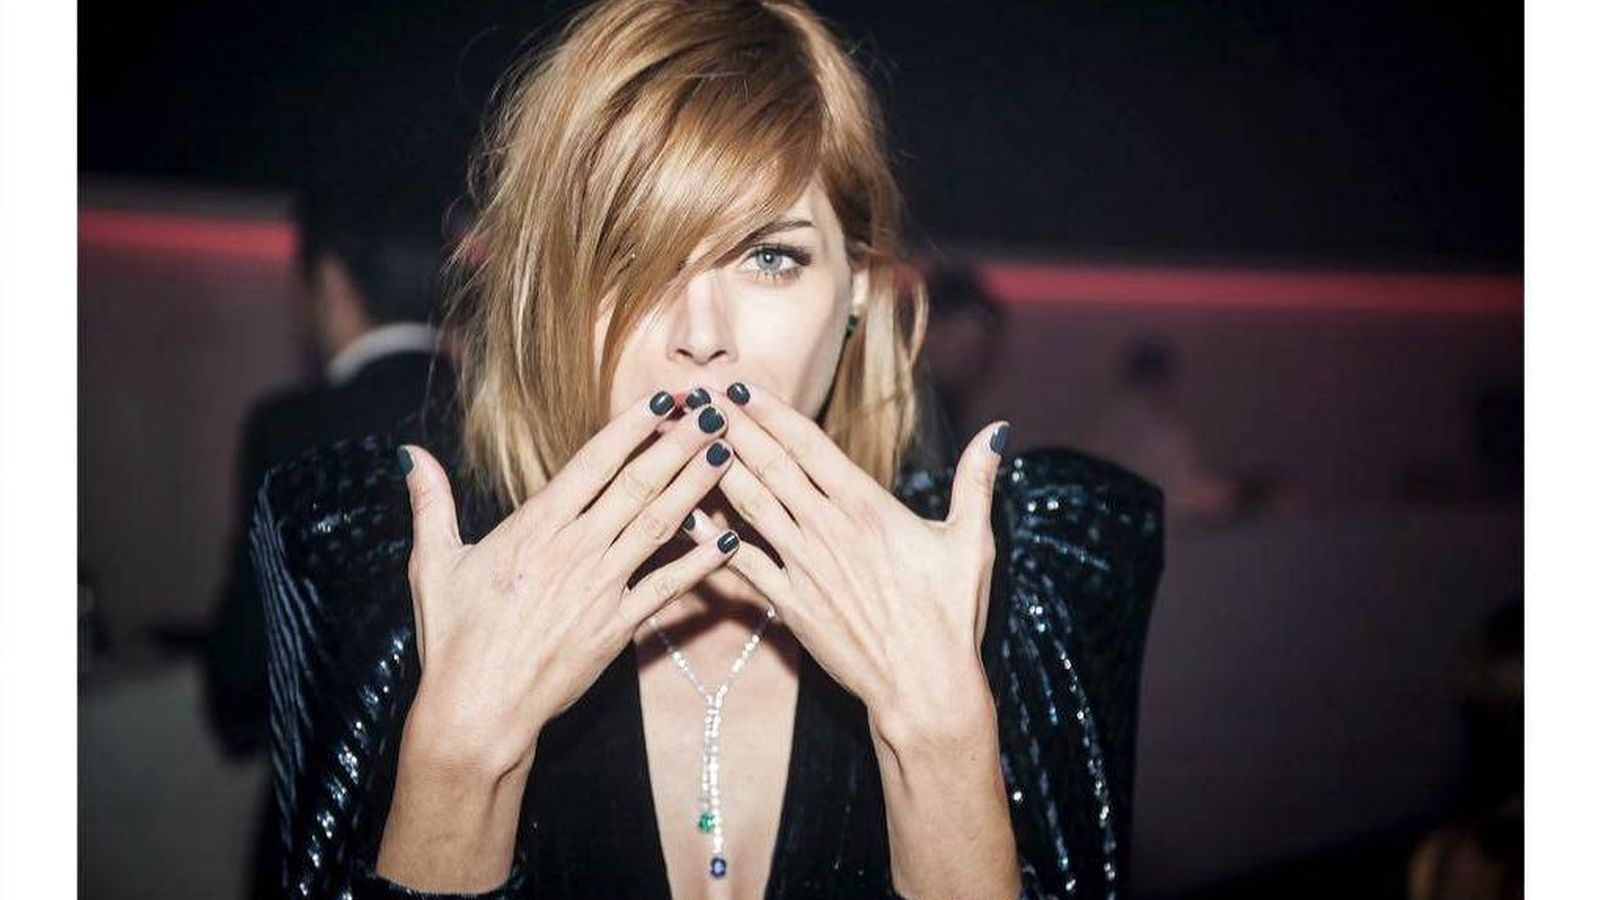 Foto: Cara de sorpresa y enseñando las uñas.